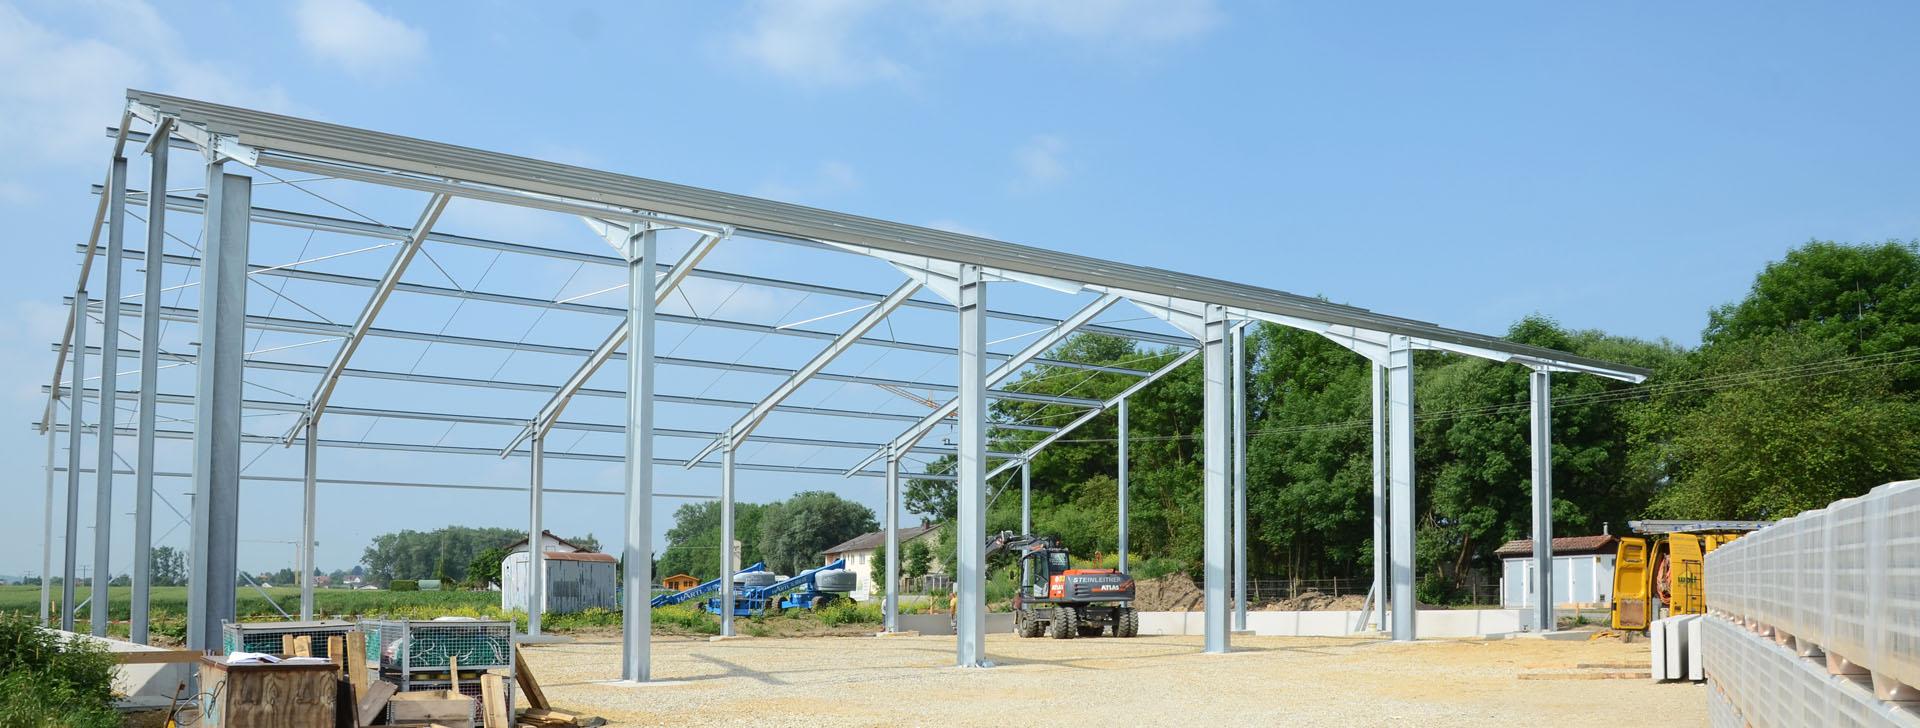 Konstruktionen aus Stahl, Holz und Beton